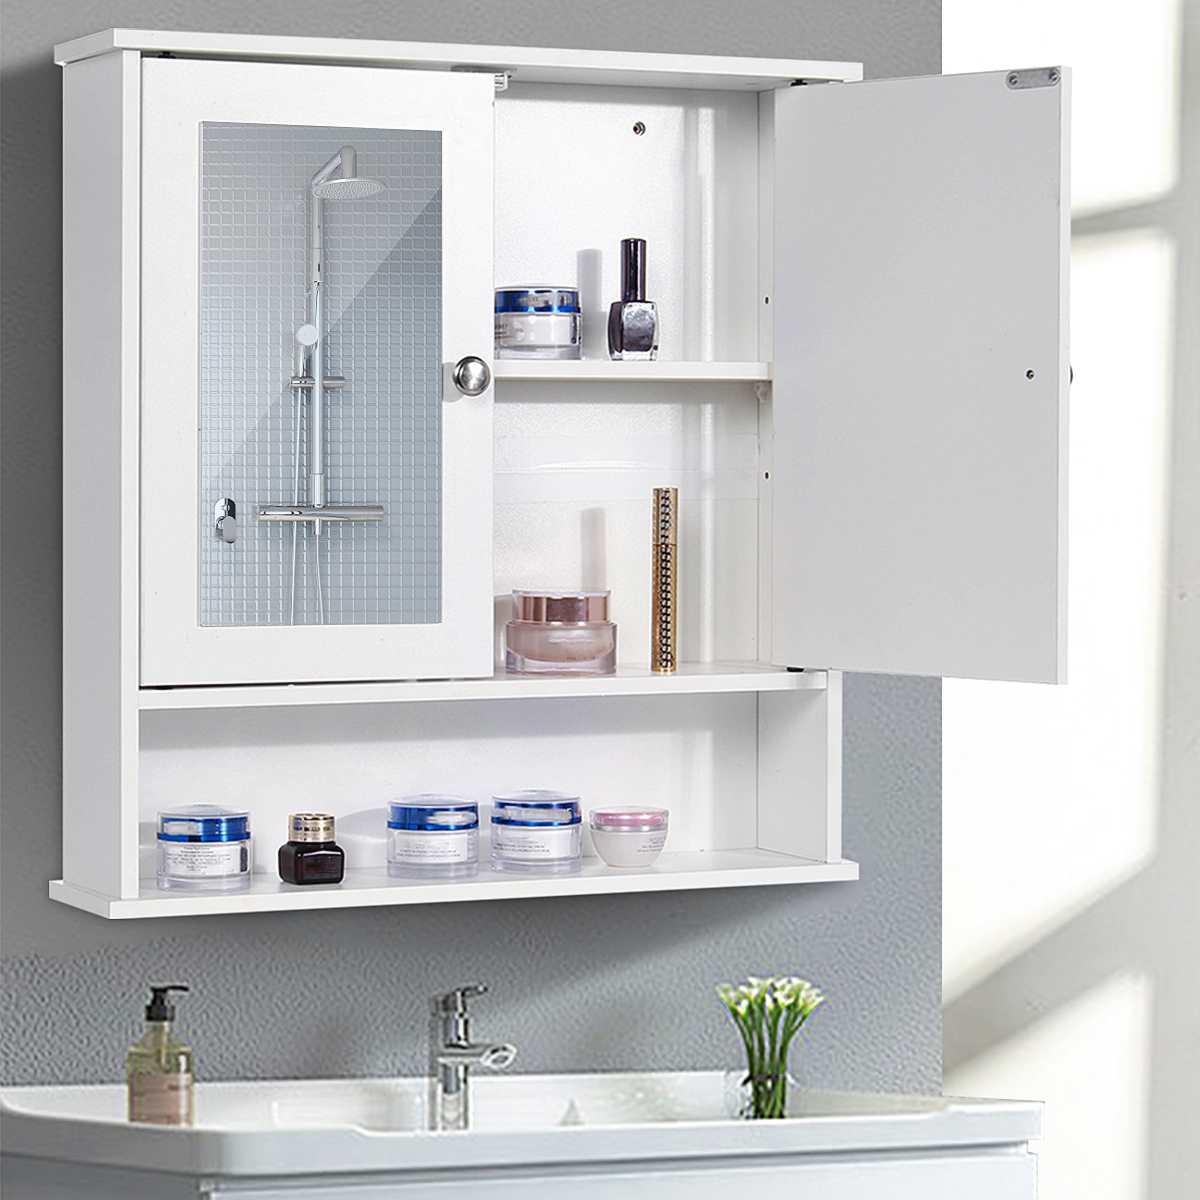 58x56x13cm armário do banheiro com espelho fixado na parede do banheiro móveis de banheiro armário prateleira cosméticos storager